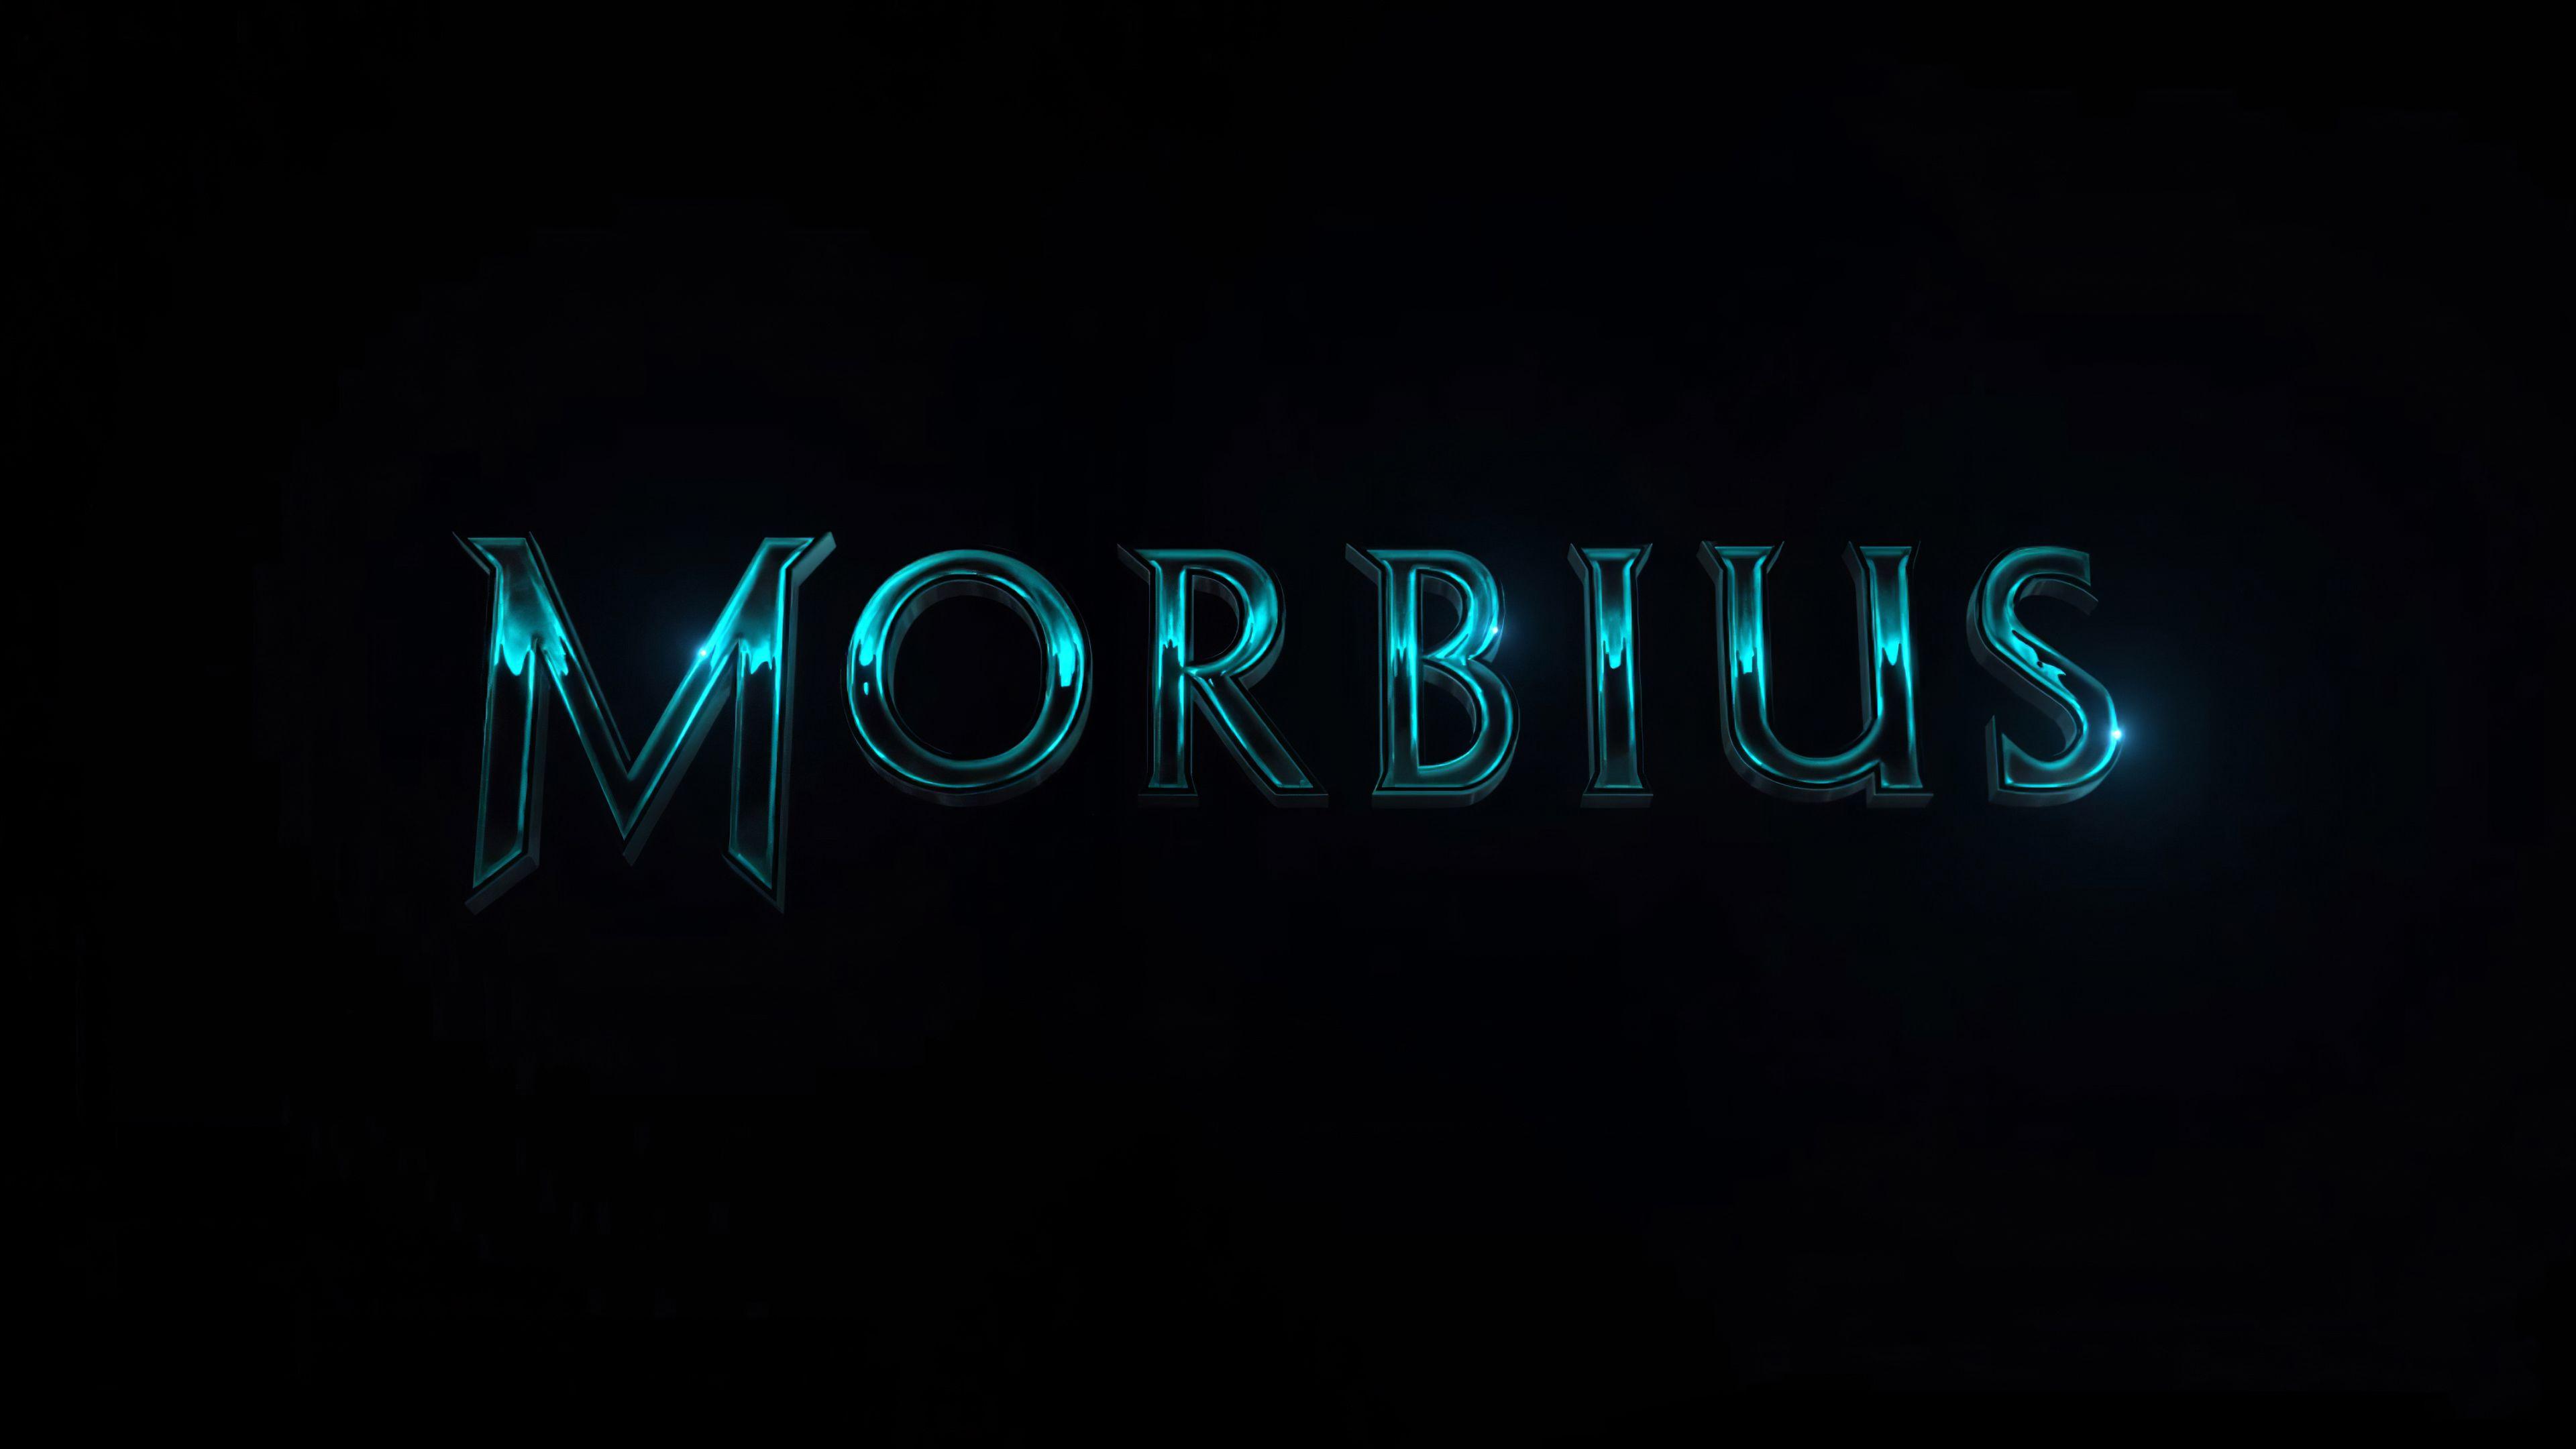 Morbius 2020 Logo Morbius 2020 Logo wallpapers 4k, Morbius